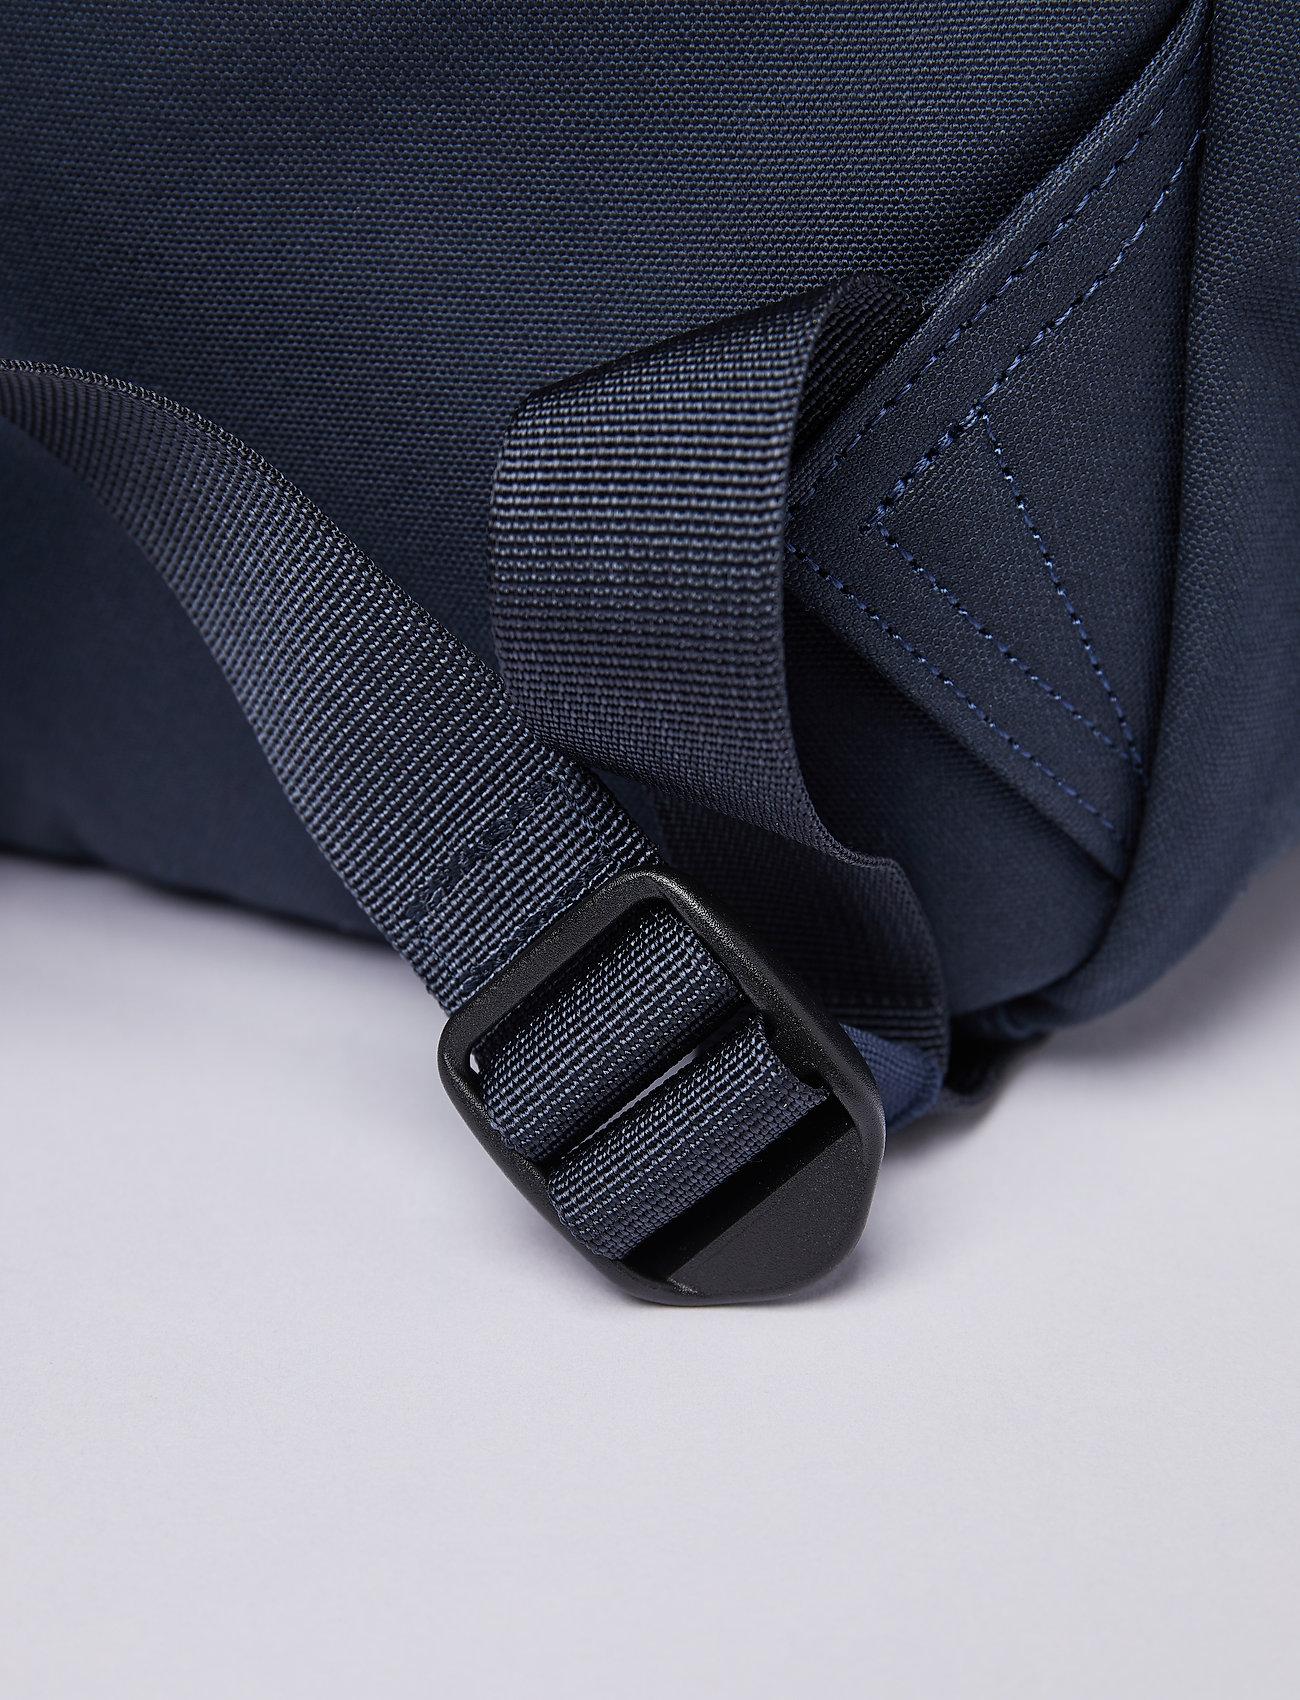 SANDQVIST - KNUT - väskor - navy blue with navy webbing - 8